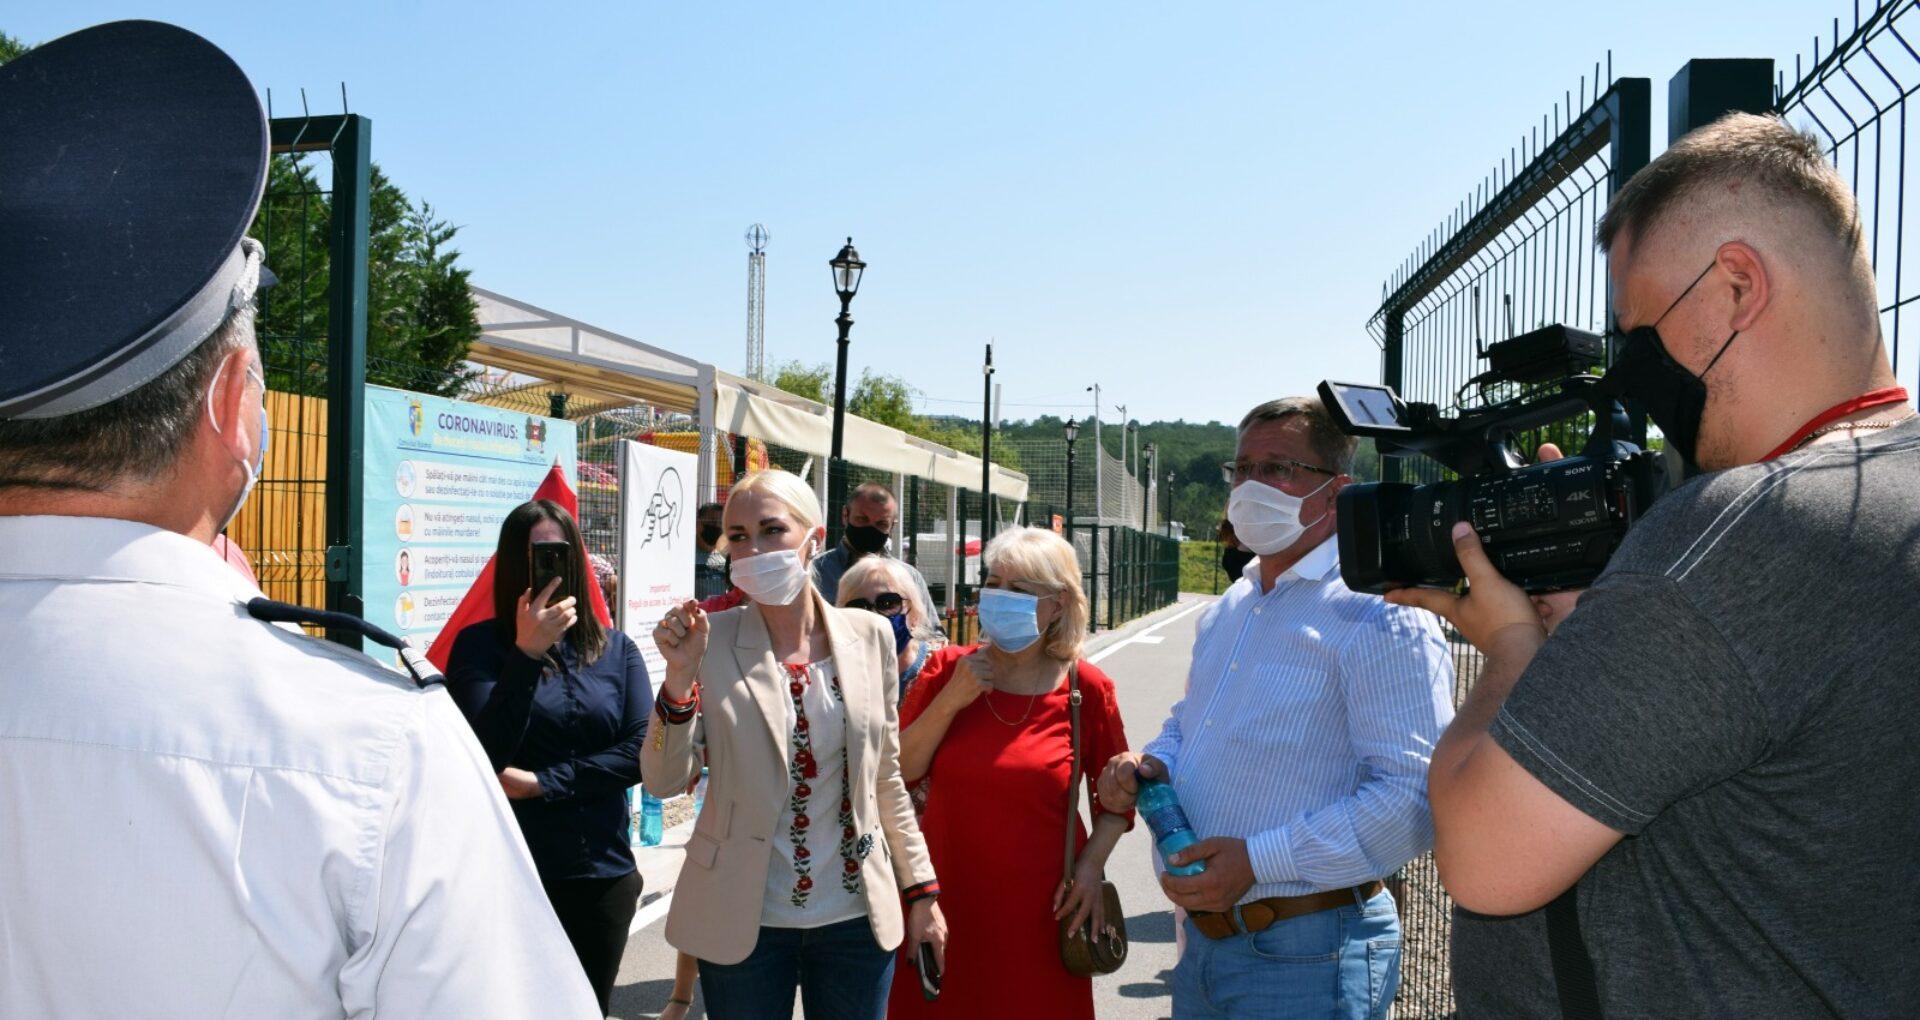 """ANSP atenționează privind """"riscul de răspândire a infecției COVID-19 în parcul de distracții """"Orheiland"""". Partidul Șor cheamă lumea la protest"""